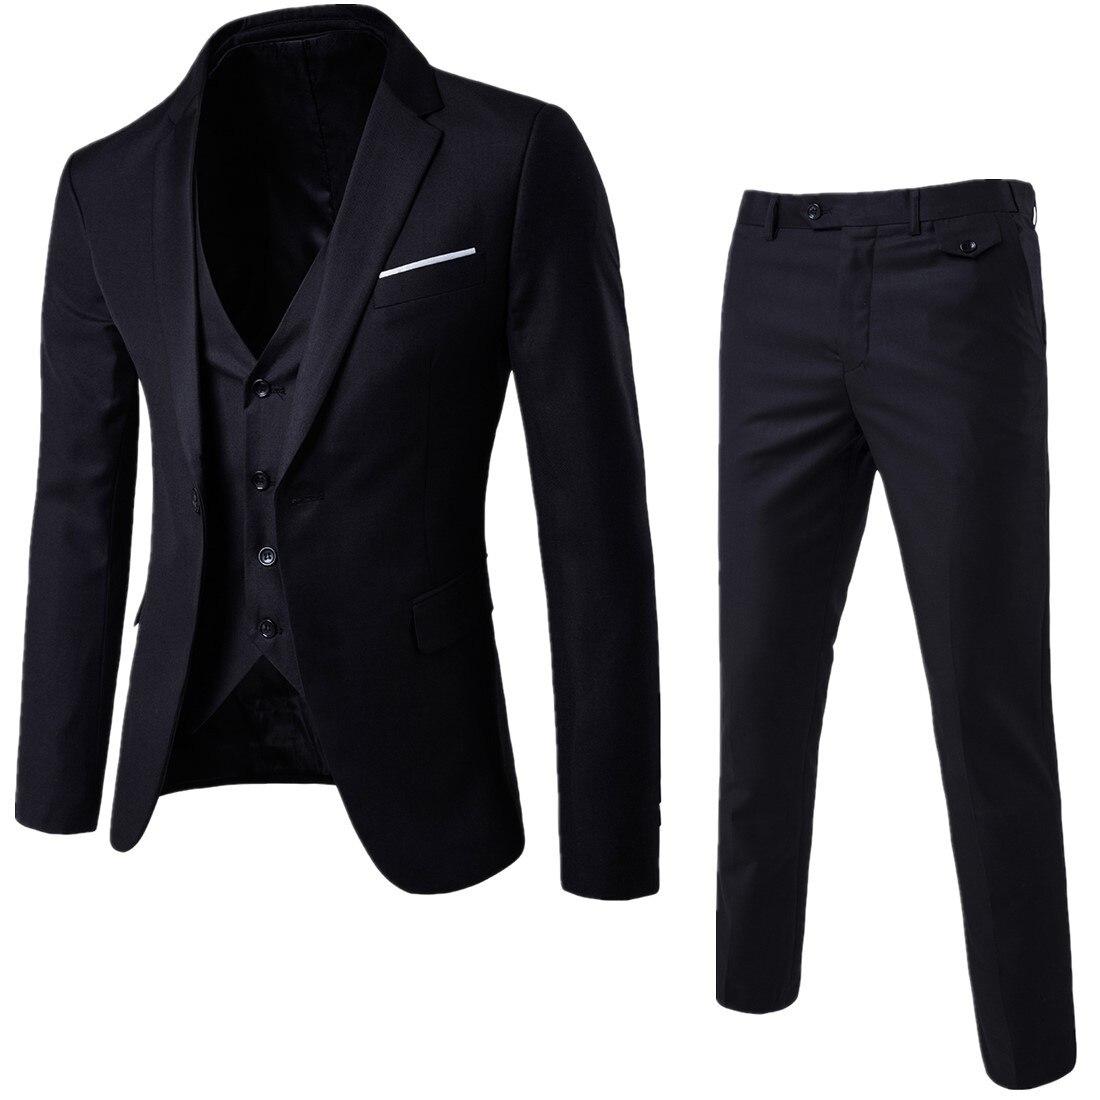 Korean-style Suit Single-Button Suit Slim Fit Leisure Suit Elegant Men Three-piece Set Groom Best Man Marriage Ceremony